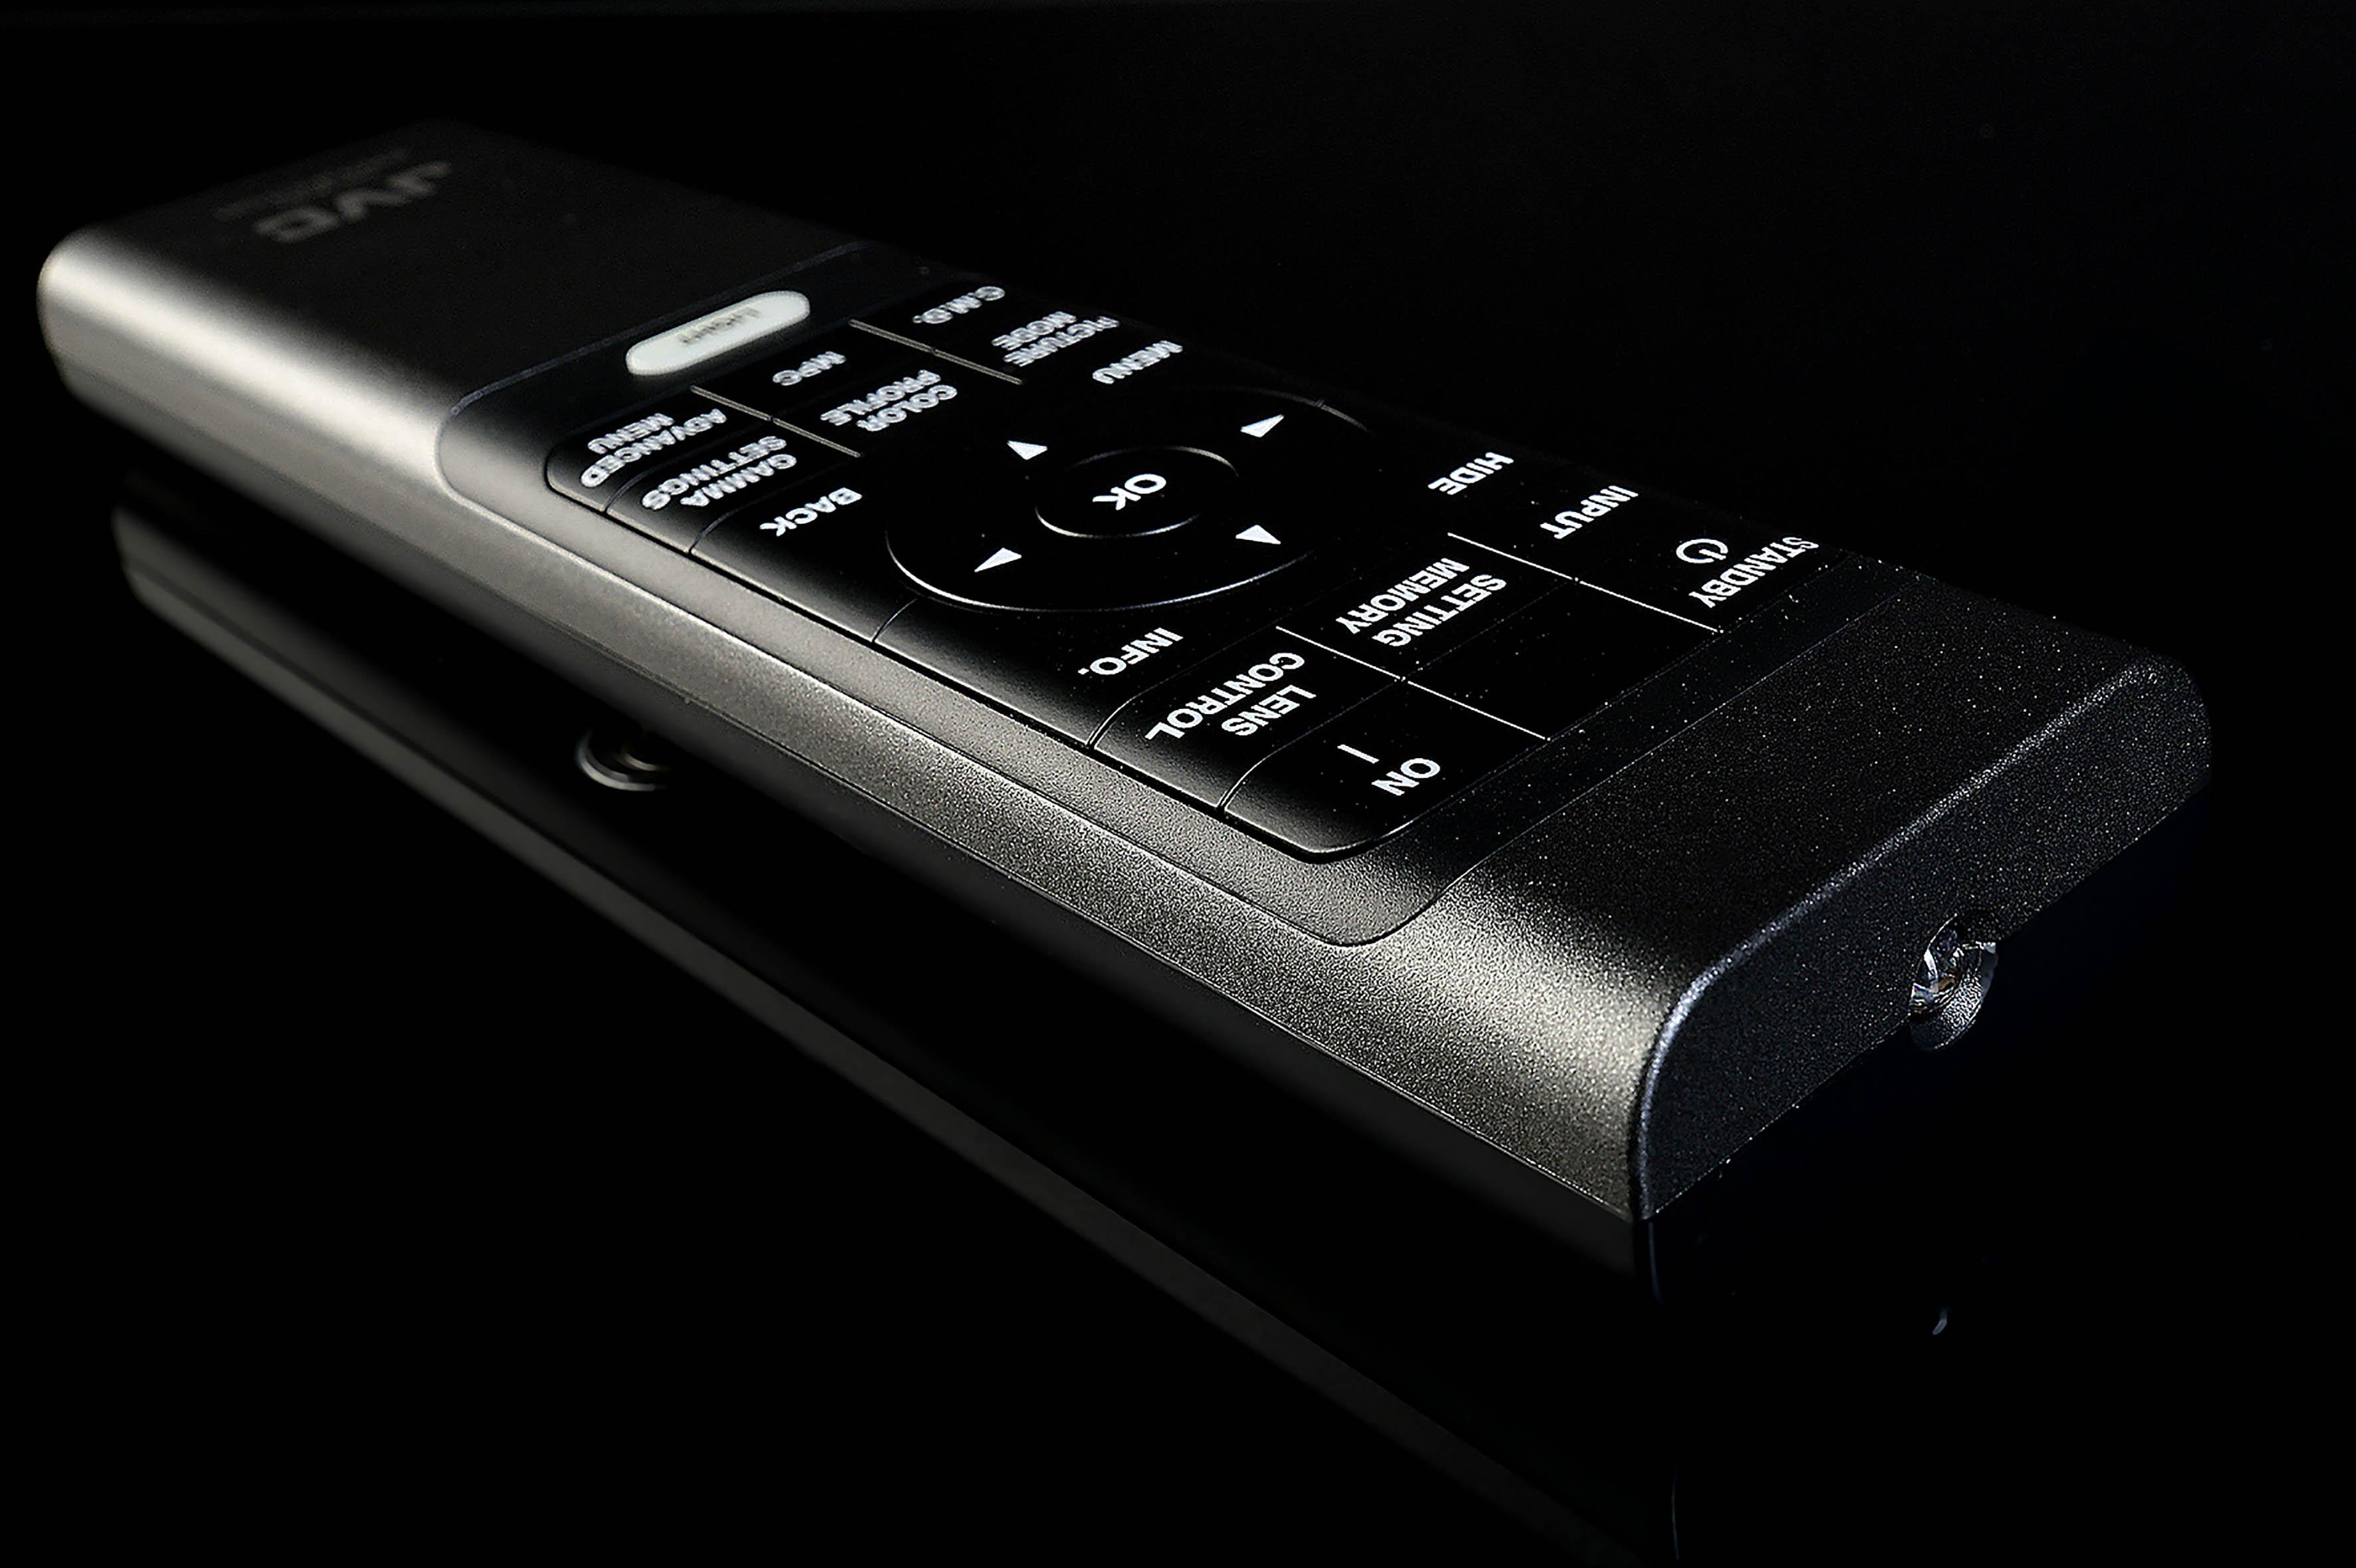 """Foto: Michael B. Rehders Die Fernbedienung des JVC DLA-X7900 sieht sehr elegant aus. Alle Tasten sind in den Handsender eingelassen. Was auf den ersten Blick wirklich schick aussieht, ist leider recht unpraktisch, denn die Tasten können nicht mehr gefühlt werden. Dank der fluoreszierenden """"Licht""""-Taste ist es jedoch möglich, die Beschriftungen zu beleuchten. Im dunklen Kino ist das wirklich hilfreich, um die gewünschten Befehle auch treffsicher auszuführen. Der neue Befehlsgeber besitzt einen """"Setting Memory""""-Knopf, mit dem alle gespeicherten Presets aufgerufen werden. Nun kann ganz bequem """"1,85:1"""" oder """"Cinemascope"""" ausgewählt werden – und der JVC DLA-N7 fährt die gewünschte Bildposition mit allen zusätzlich abgelegten Einstellungen zügig an."""